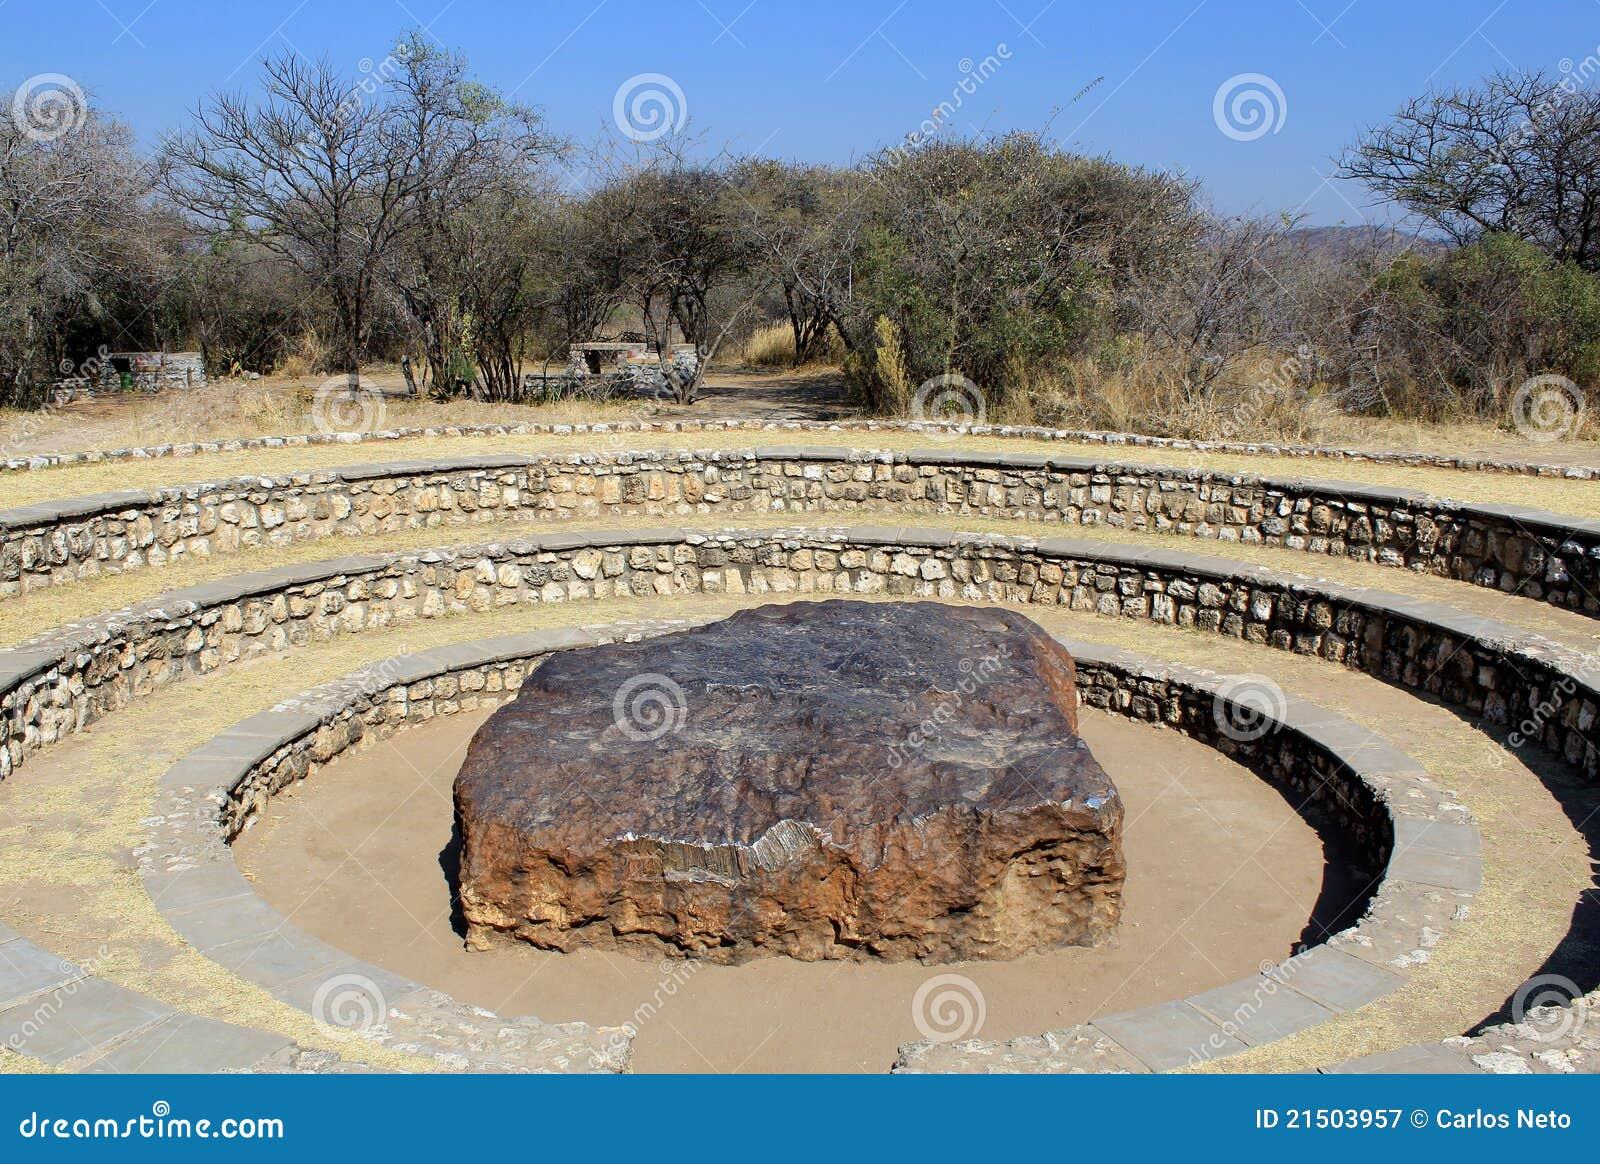 Hoba Meteorit - der größte Meteorit fand überhaupt